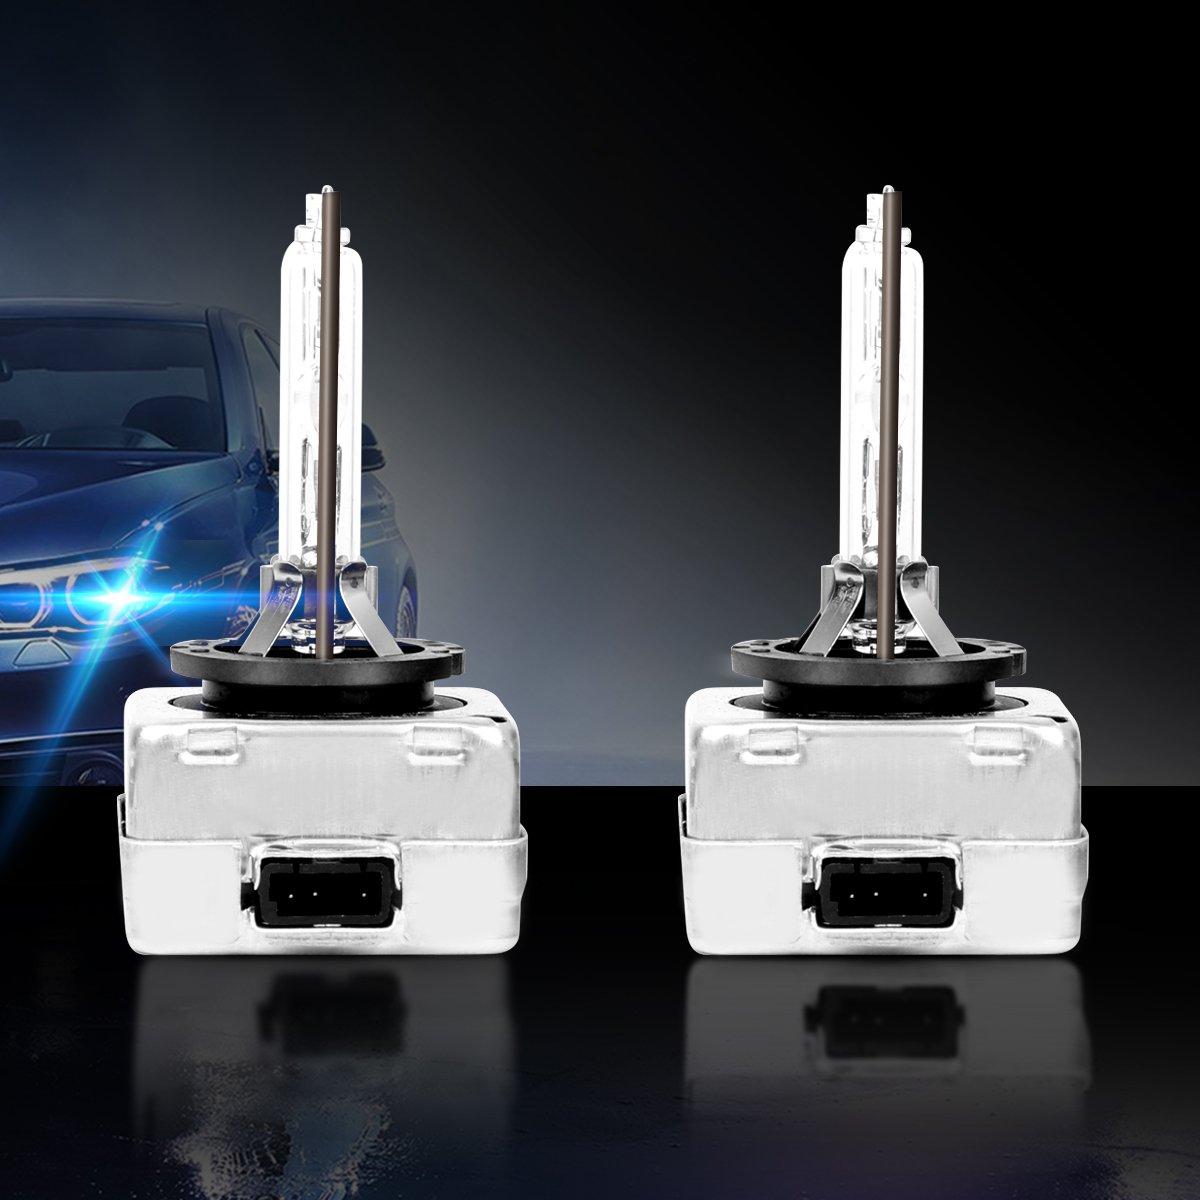 D1S,5000K D1S HID Xenon Shfy fari auto lampadine di ricambio 35W 5000K alta e bassa fascio confezione da due lampadine - 1 anno di garanzia